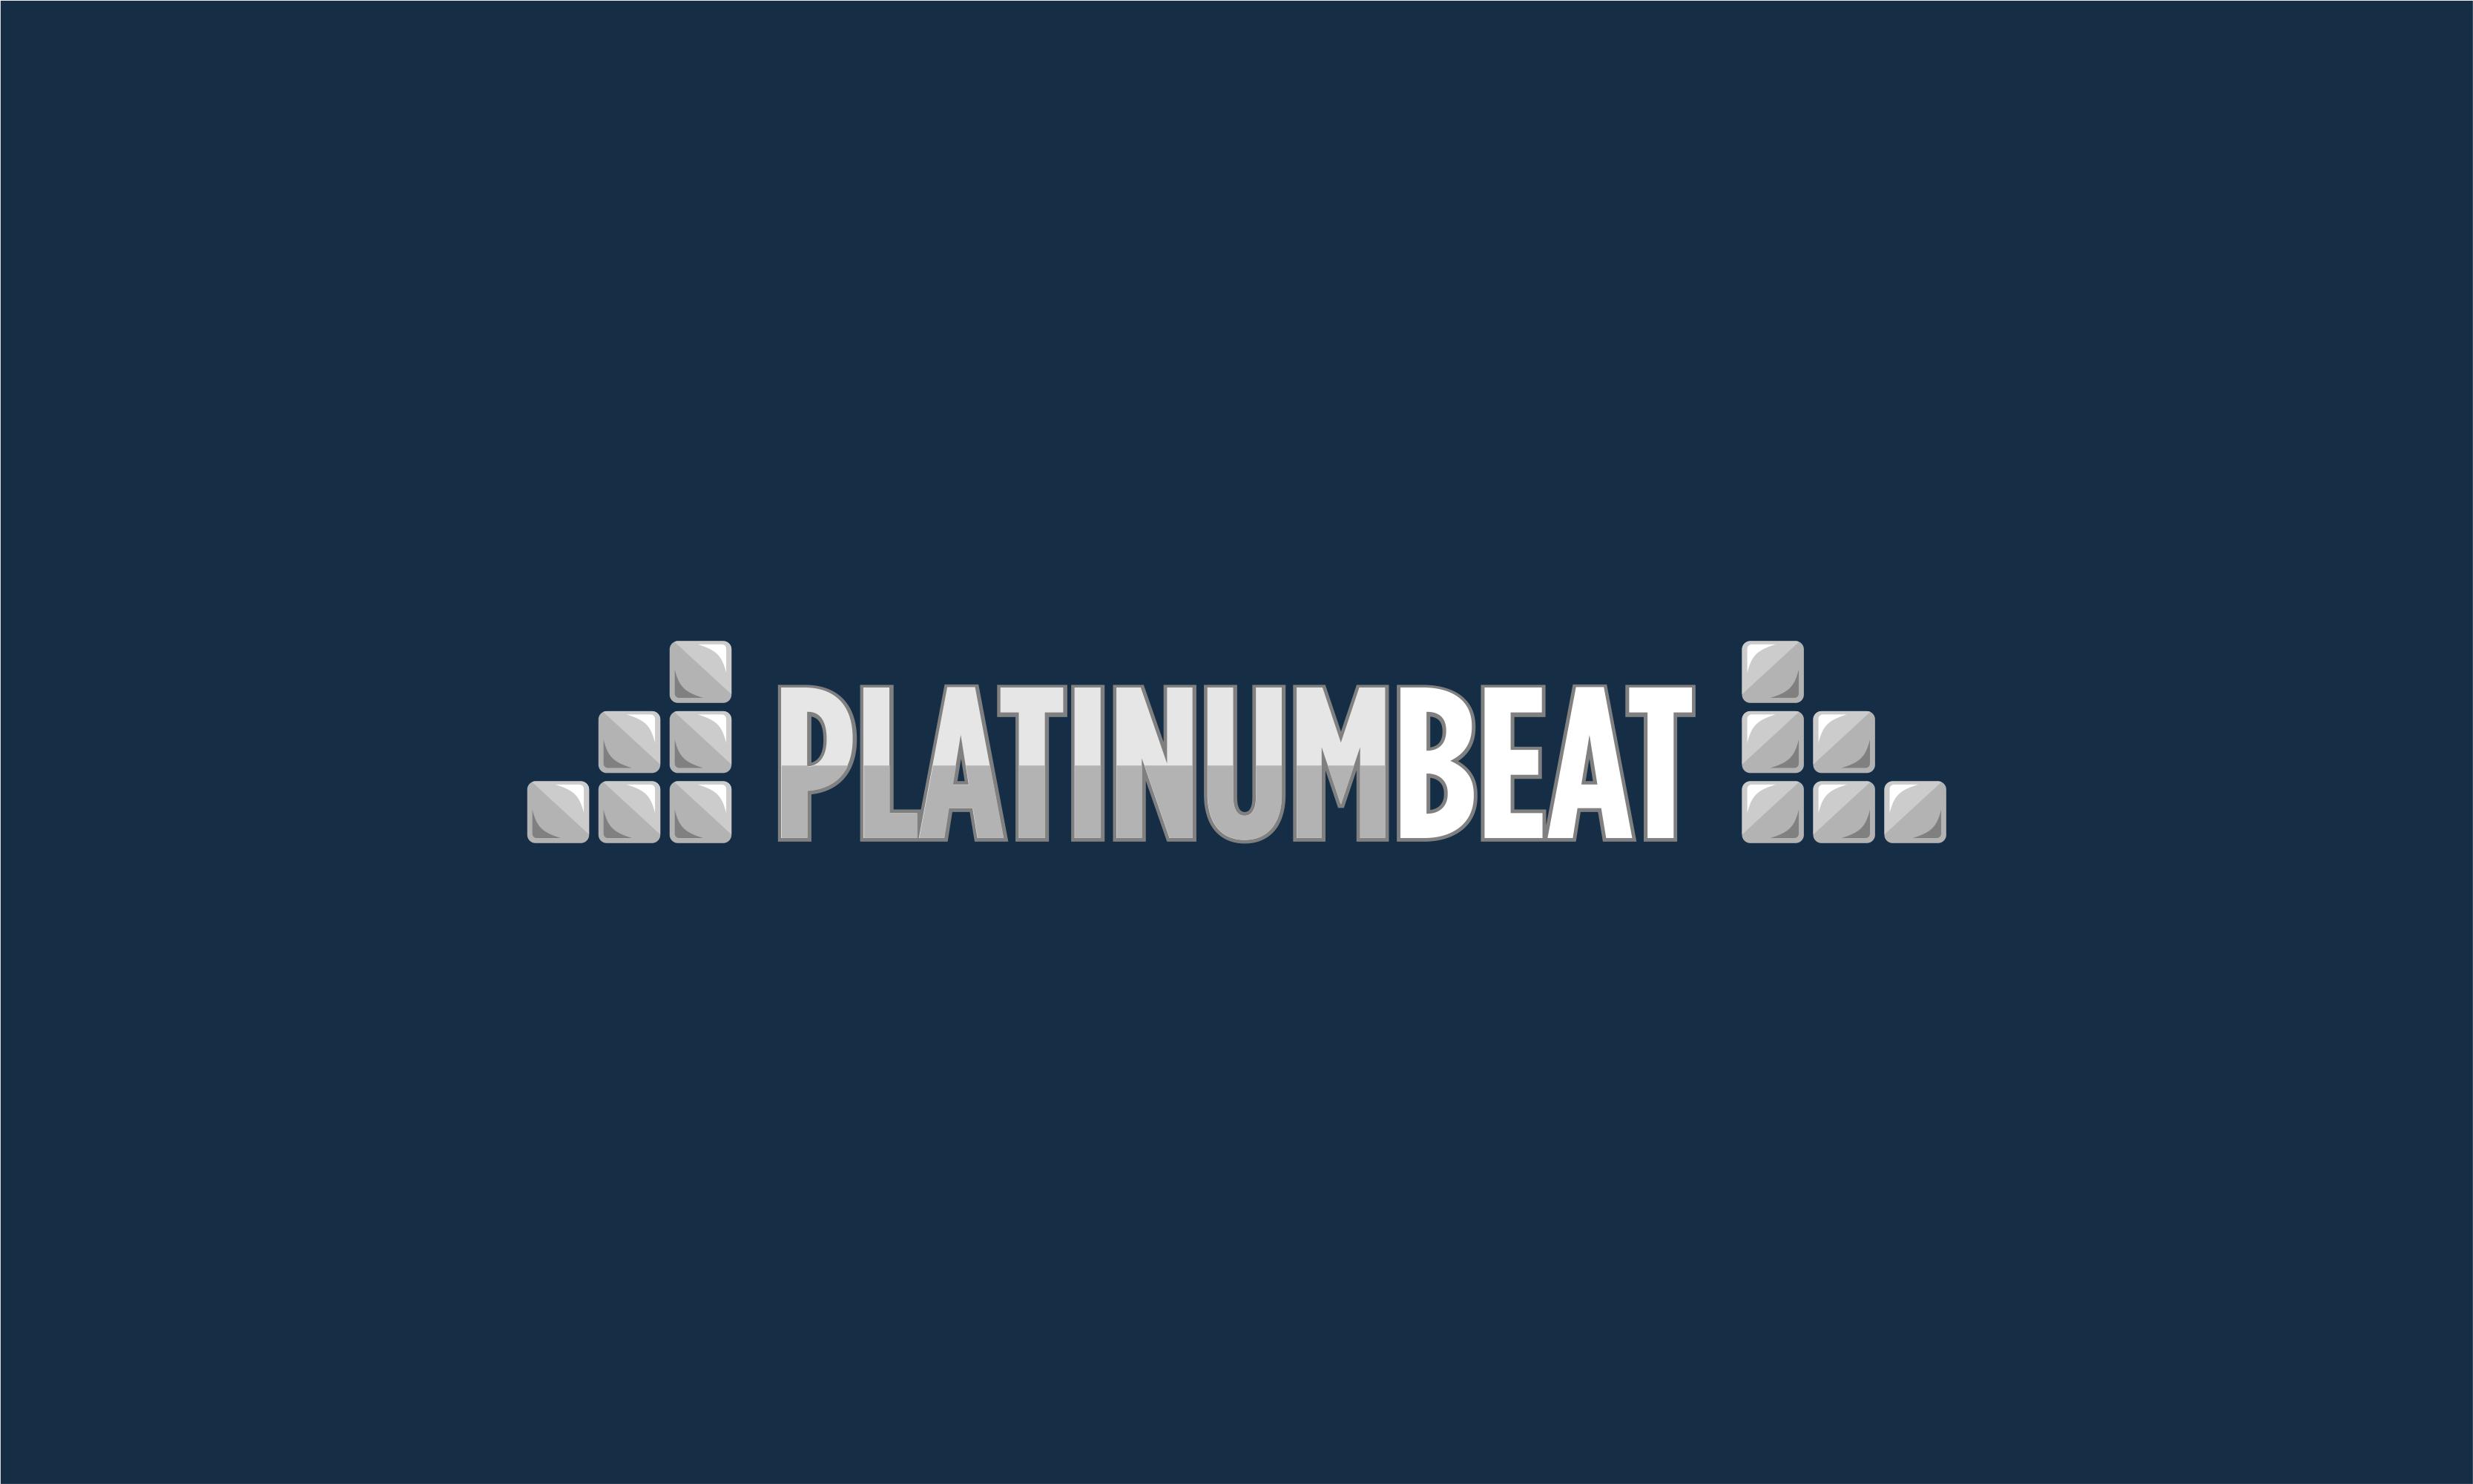 Platinumbeat